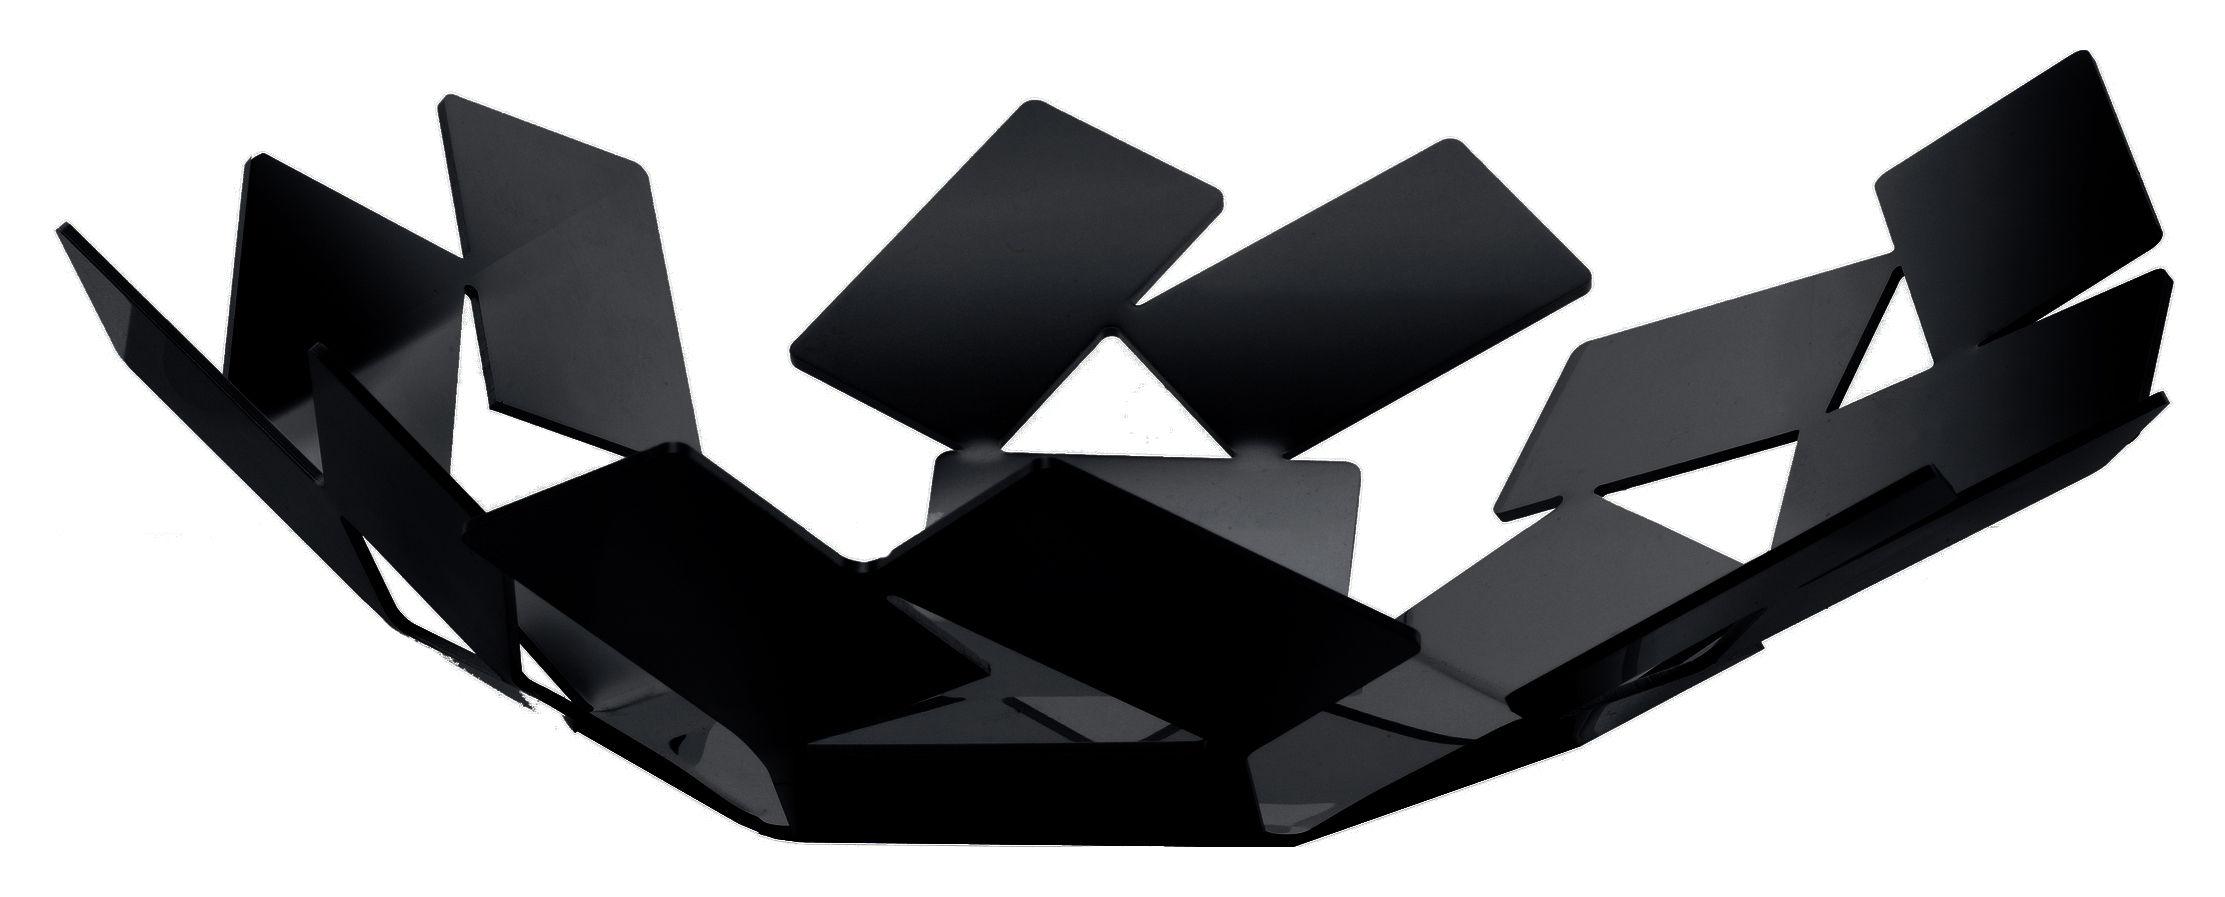 Accessories - Bathroom Accessories - La Stanza dello Scirocco Basket - Ø 24 cm x H 6 cm by Alessi - Black - Stainless steel